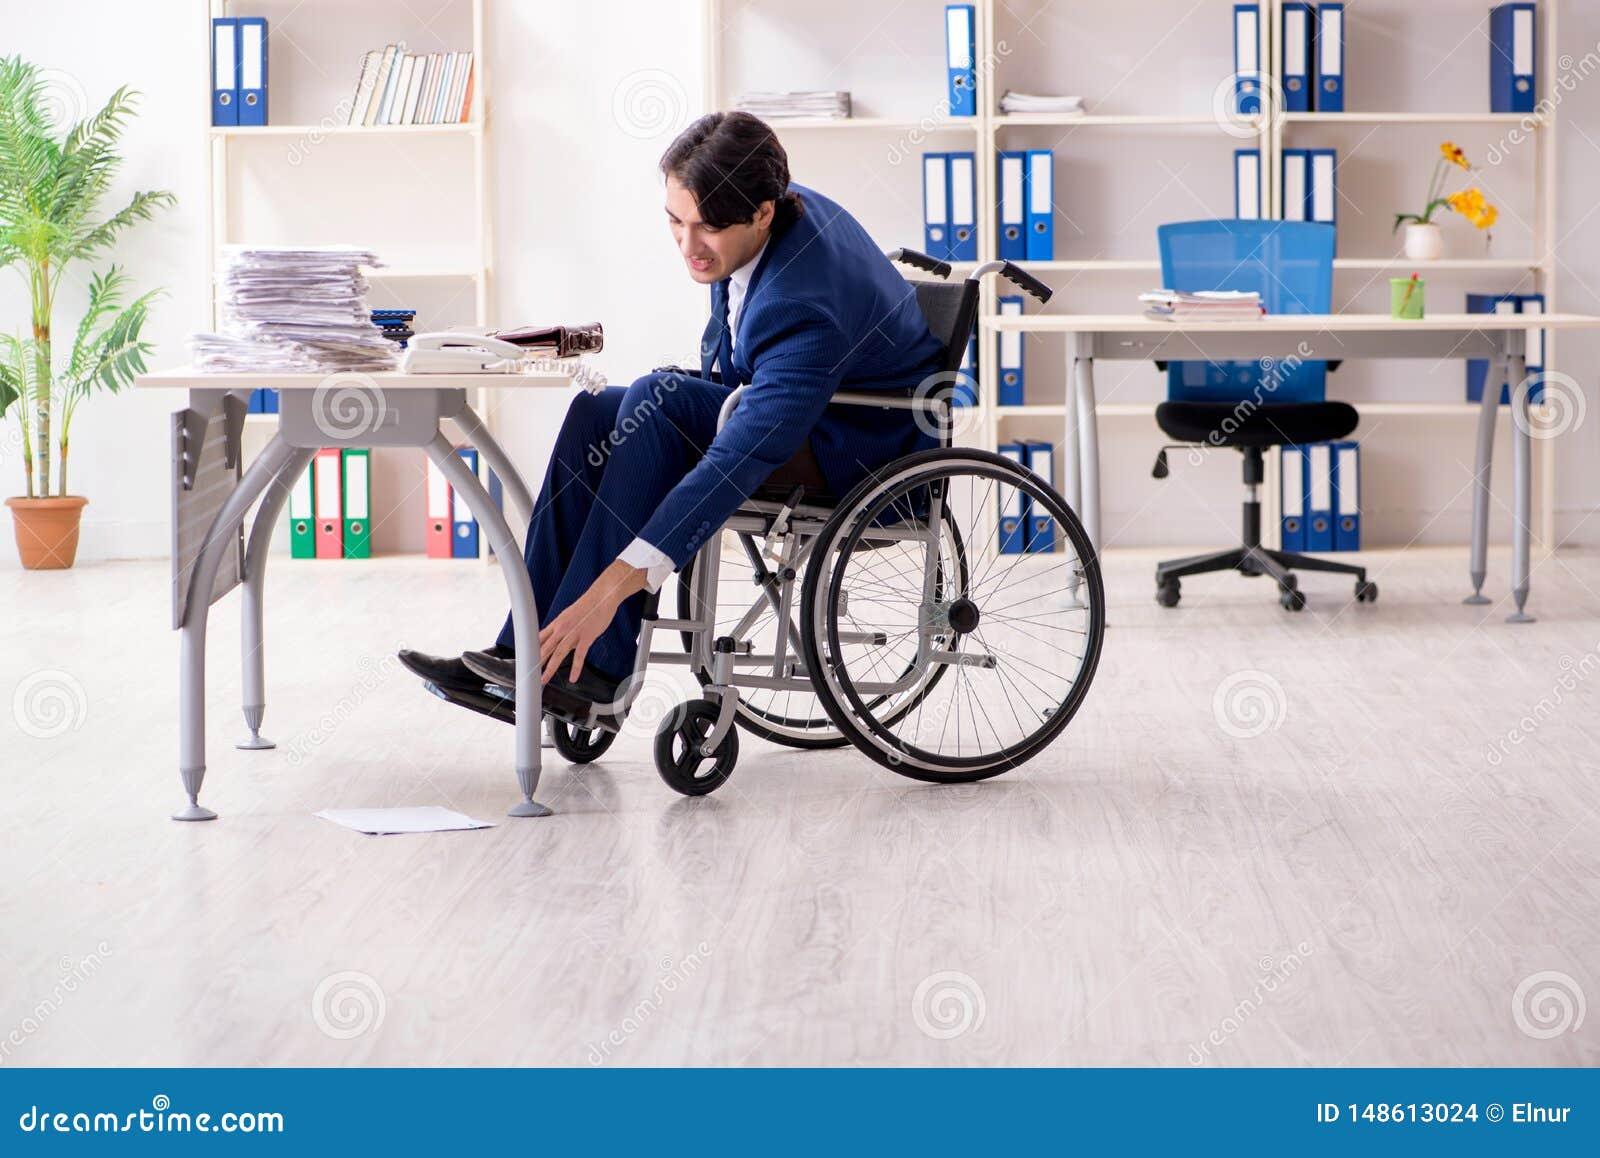 M?ody m?ski pracownik w w?zku inwalidzkim pracuje w biurze